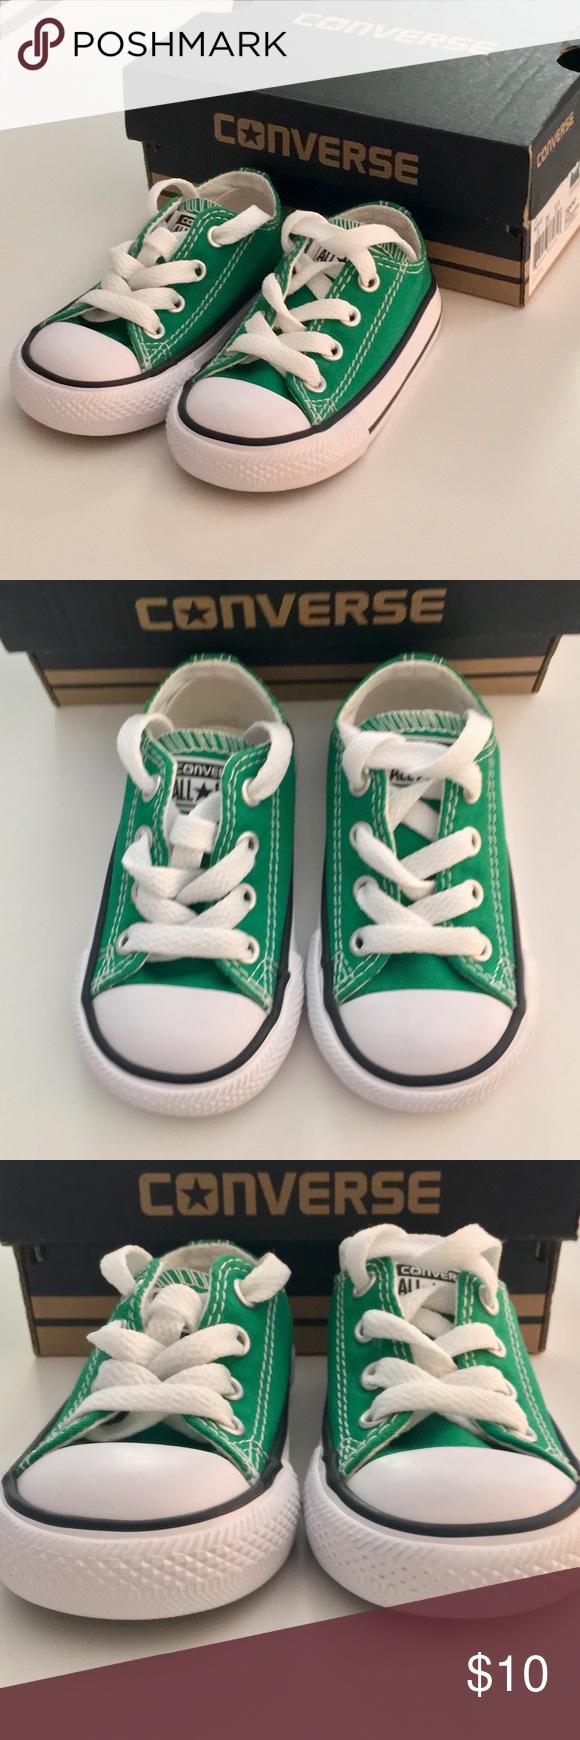 76fcbaf56ed NWOT Converse Infant Toddler Size 4 Amazon Green NWOT Converse in Amazon  Green. US